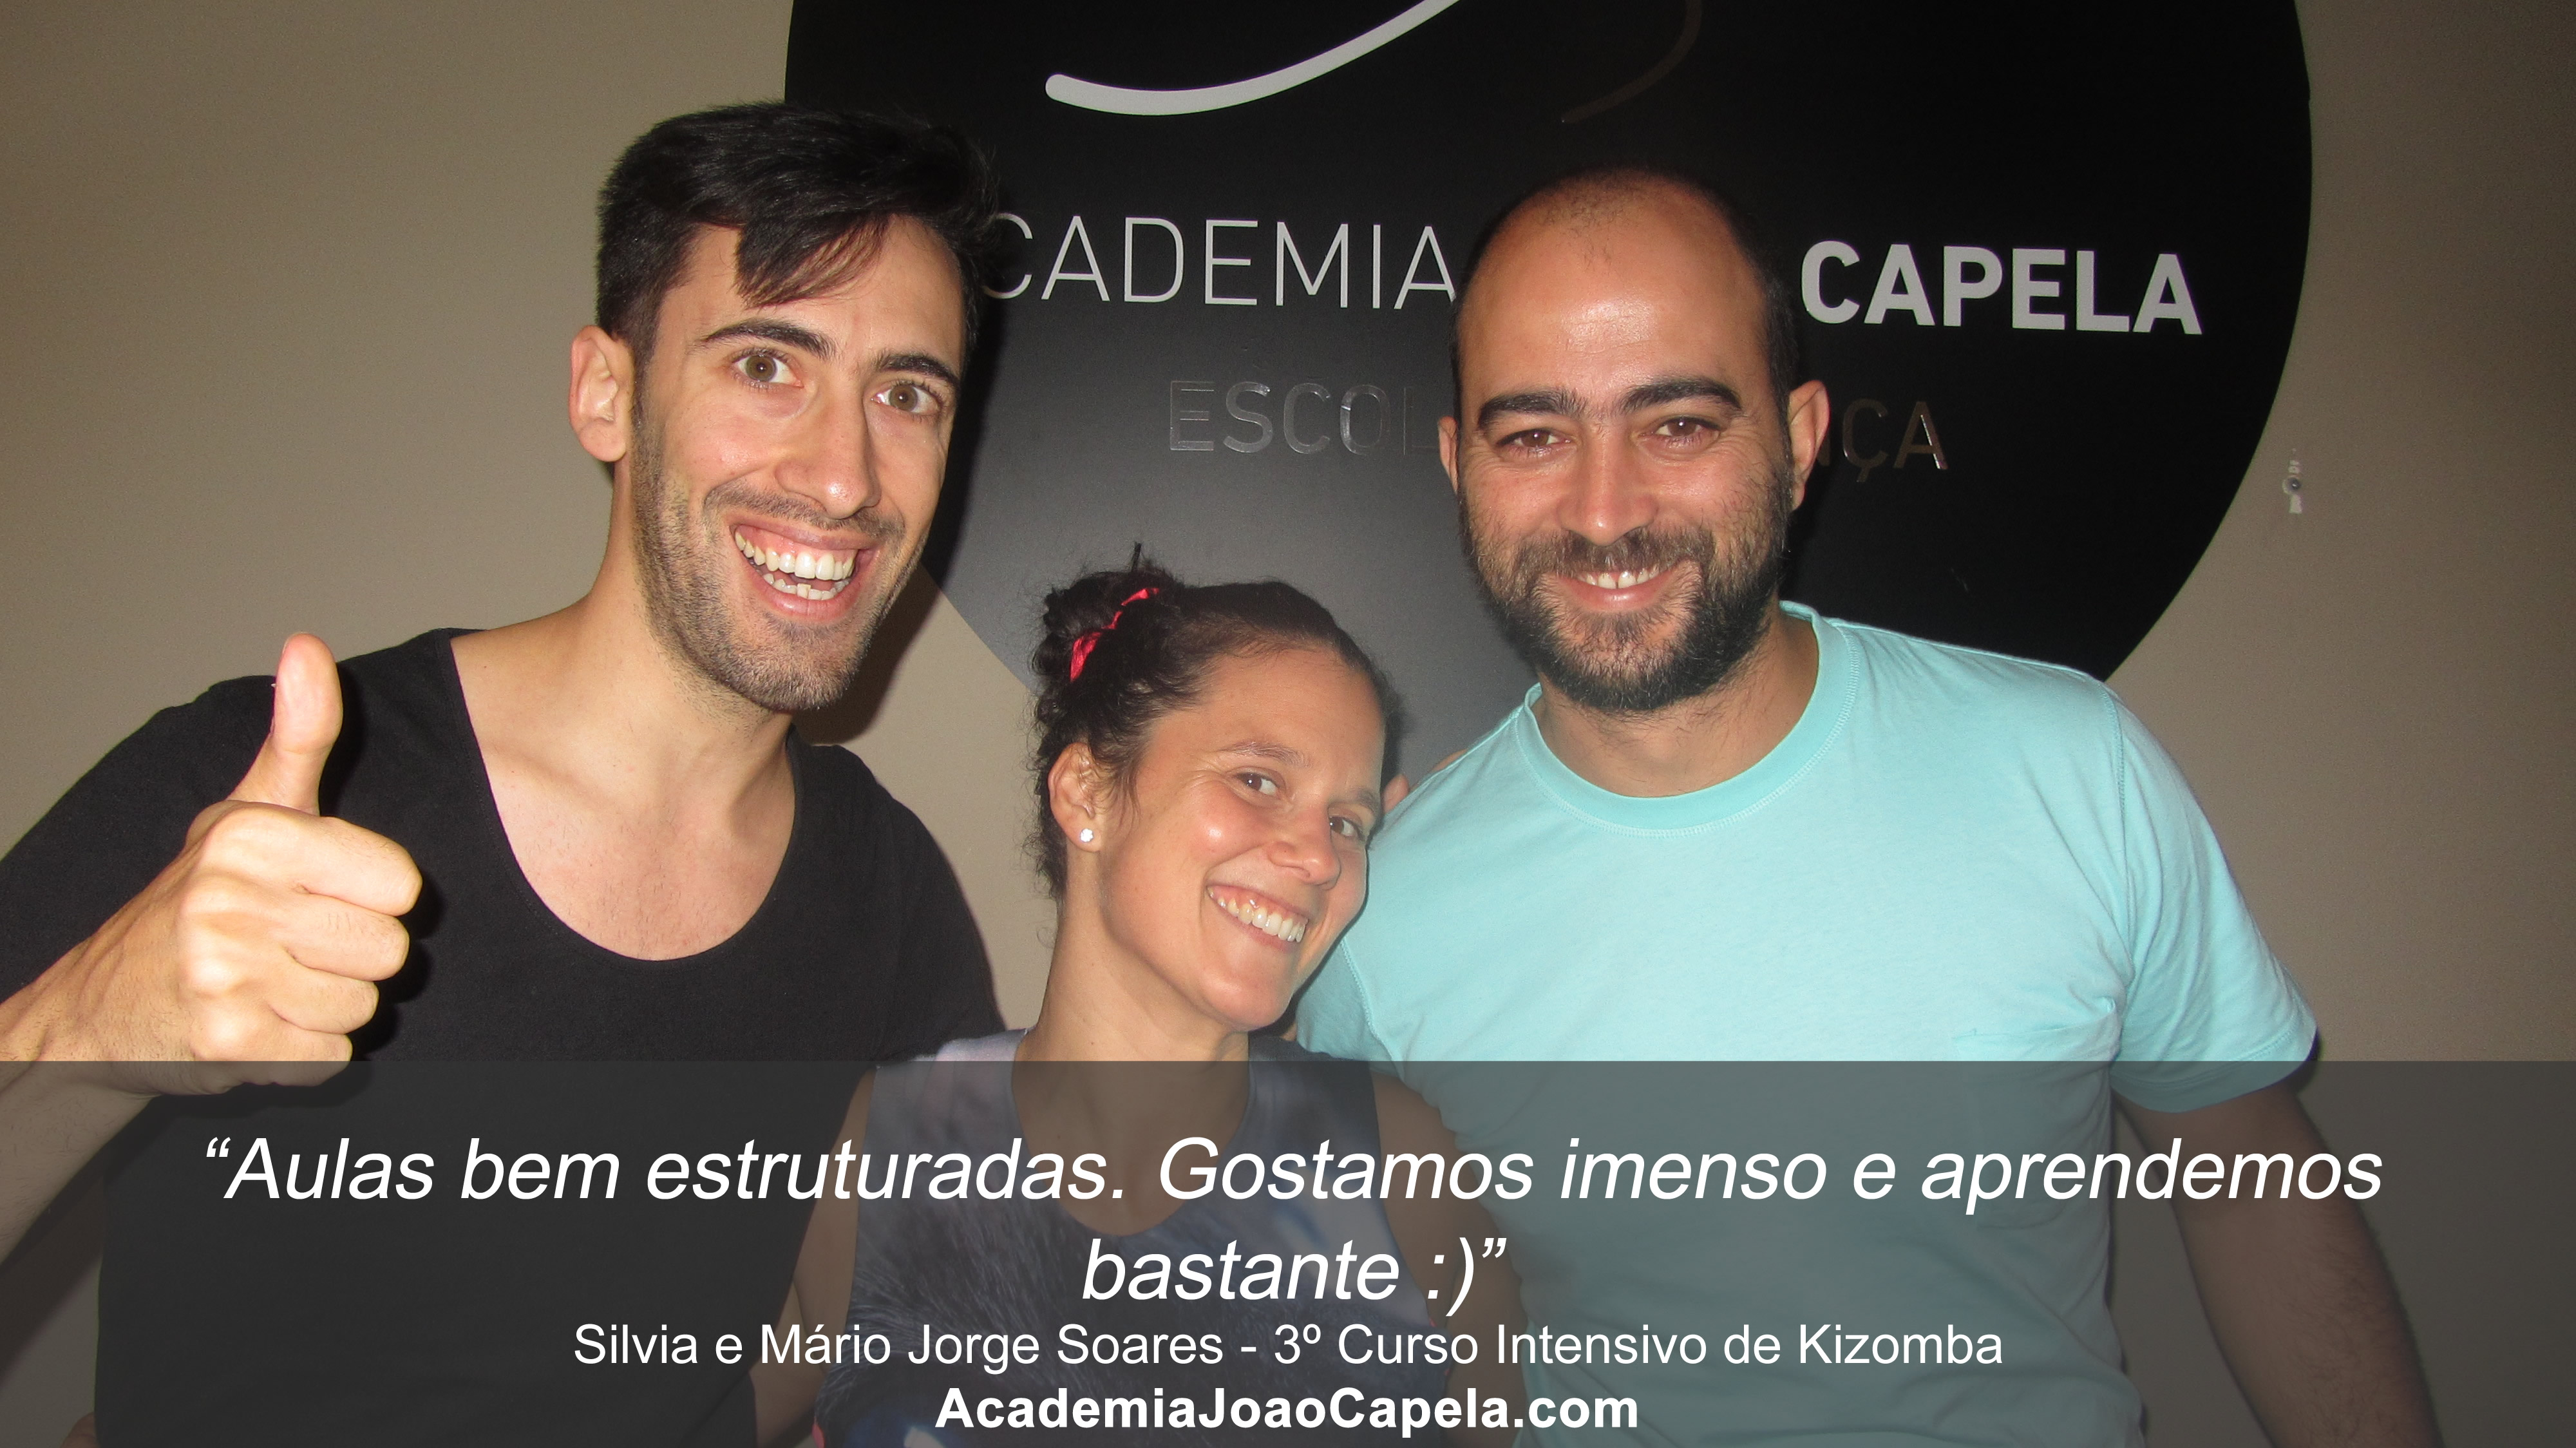 Testemunho Silvia e Mário Jorge Soares 3º Curso Intensivo de Kizomba em Barcelos